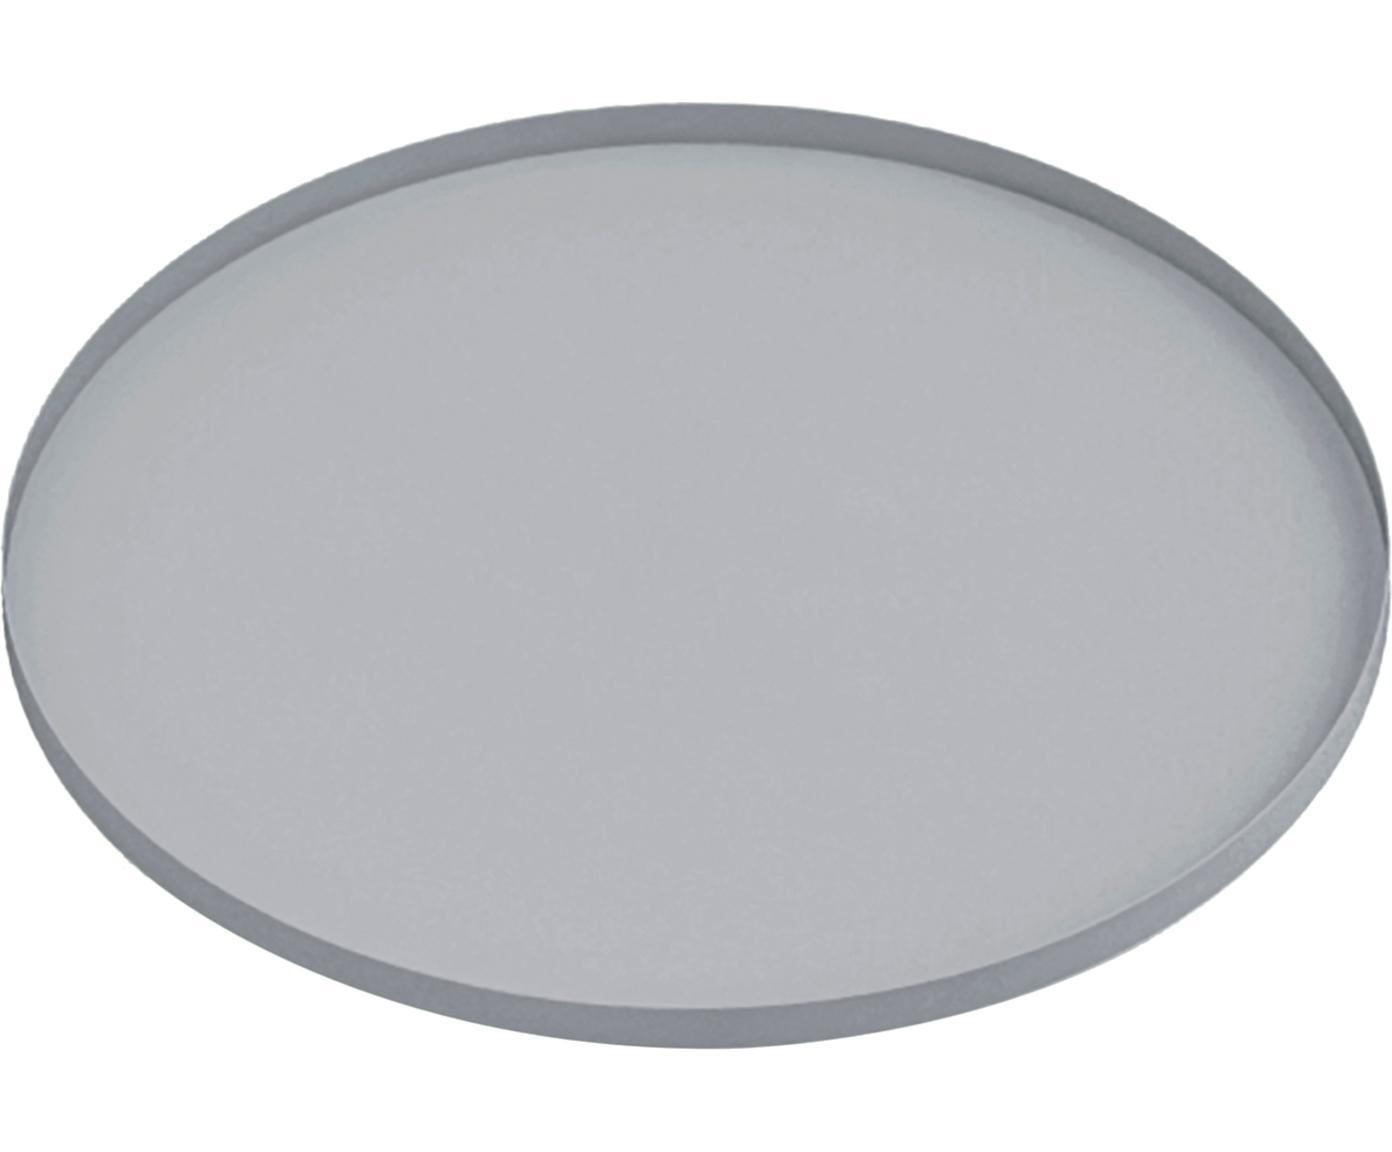 Dienblad Arla, Gecoat metaal, Grijs, crèmewit, Ø 41 cm